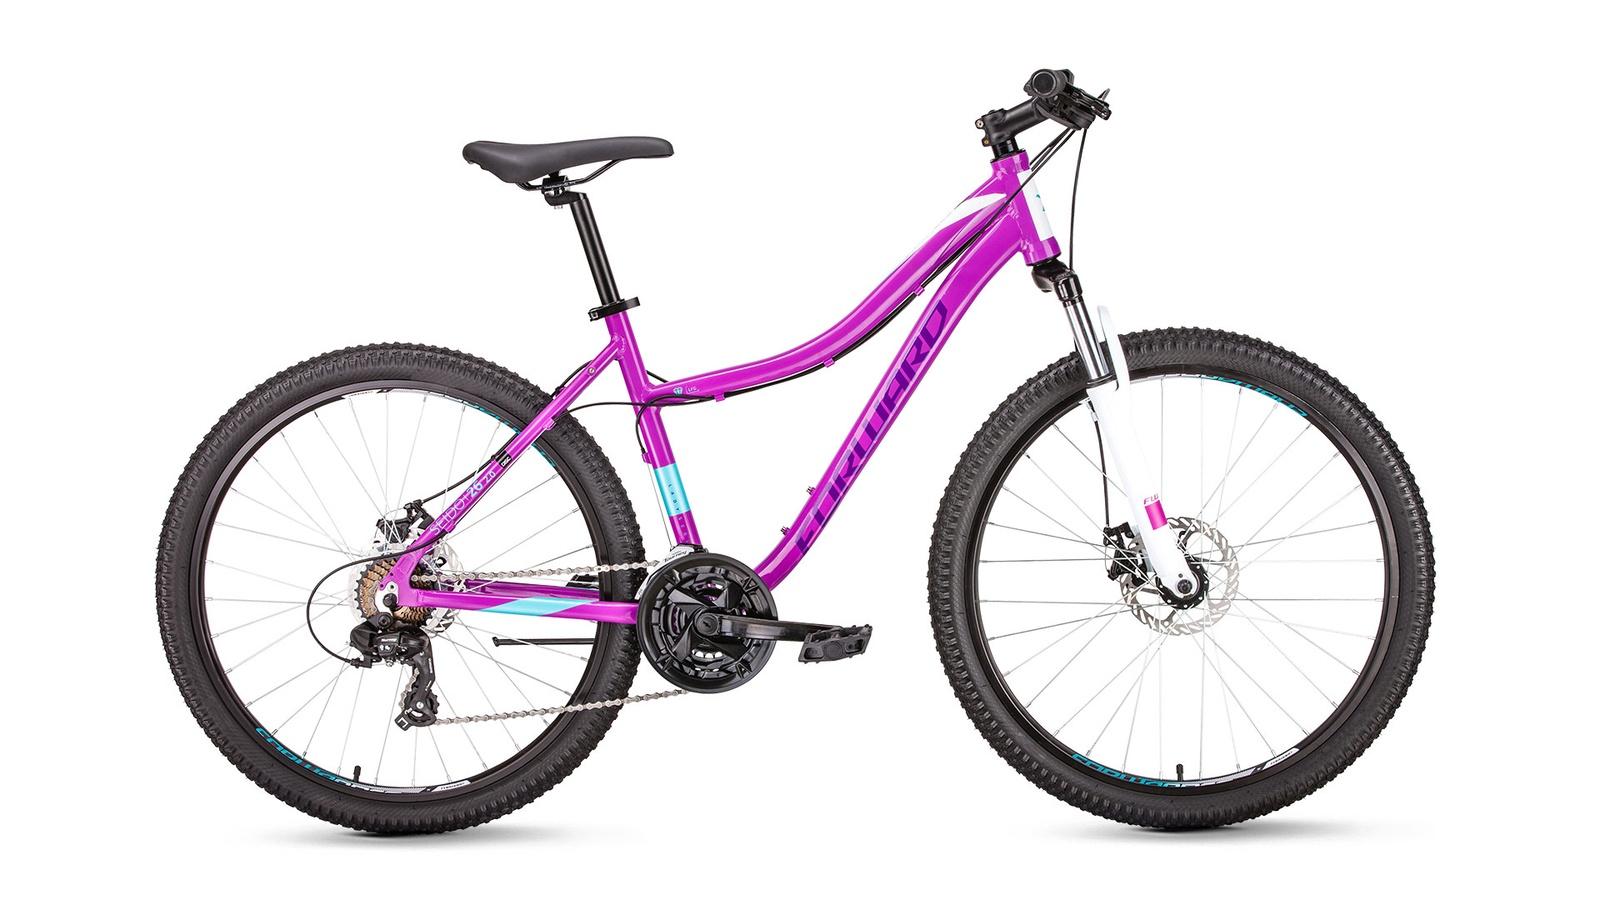 Велосипед Forward Seido 26 2.0 disc, фиолетовый велосипед giant escape 2 disc 2019